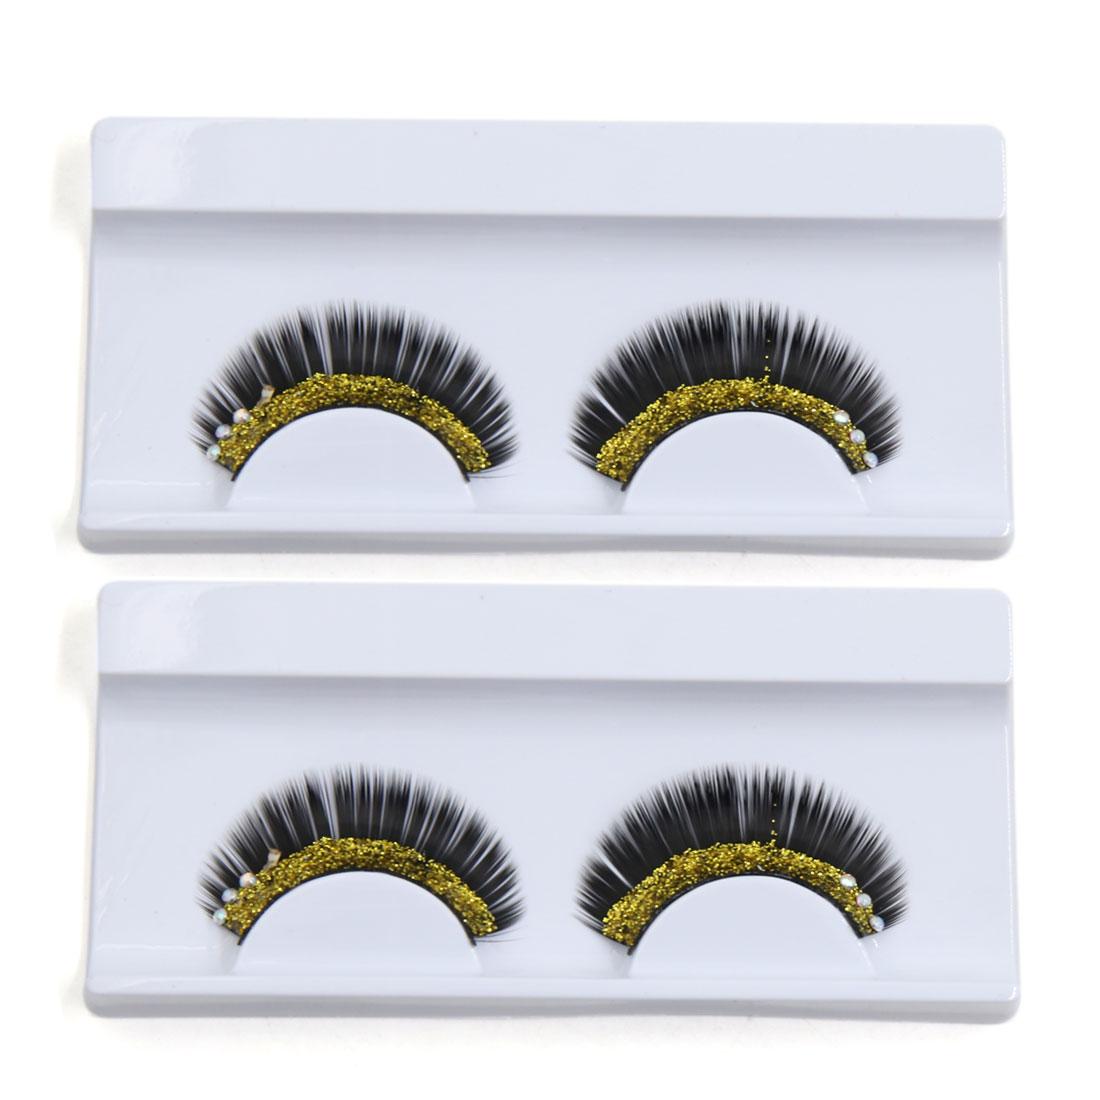 2 Pairs Rhinestone Decor False Eyelash Faux Fake Eyelash Kit Party Festive Makeup